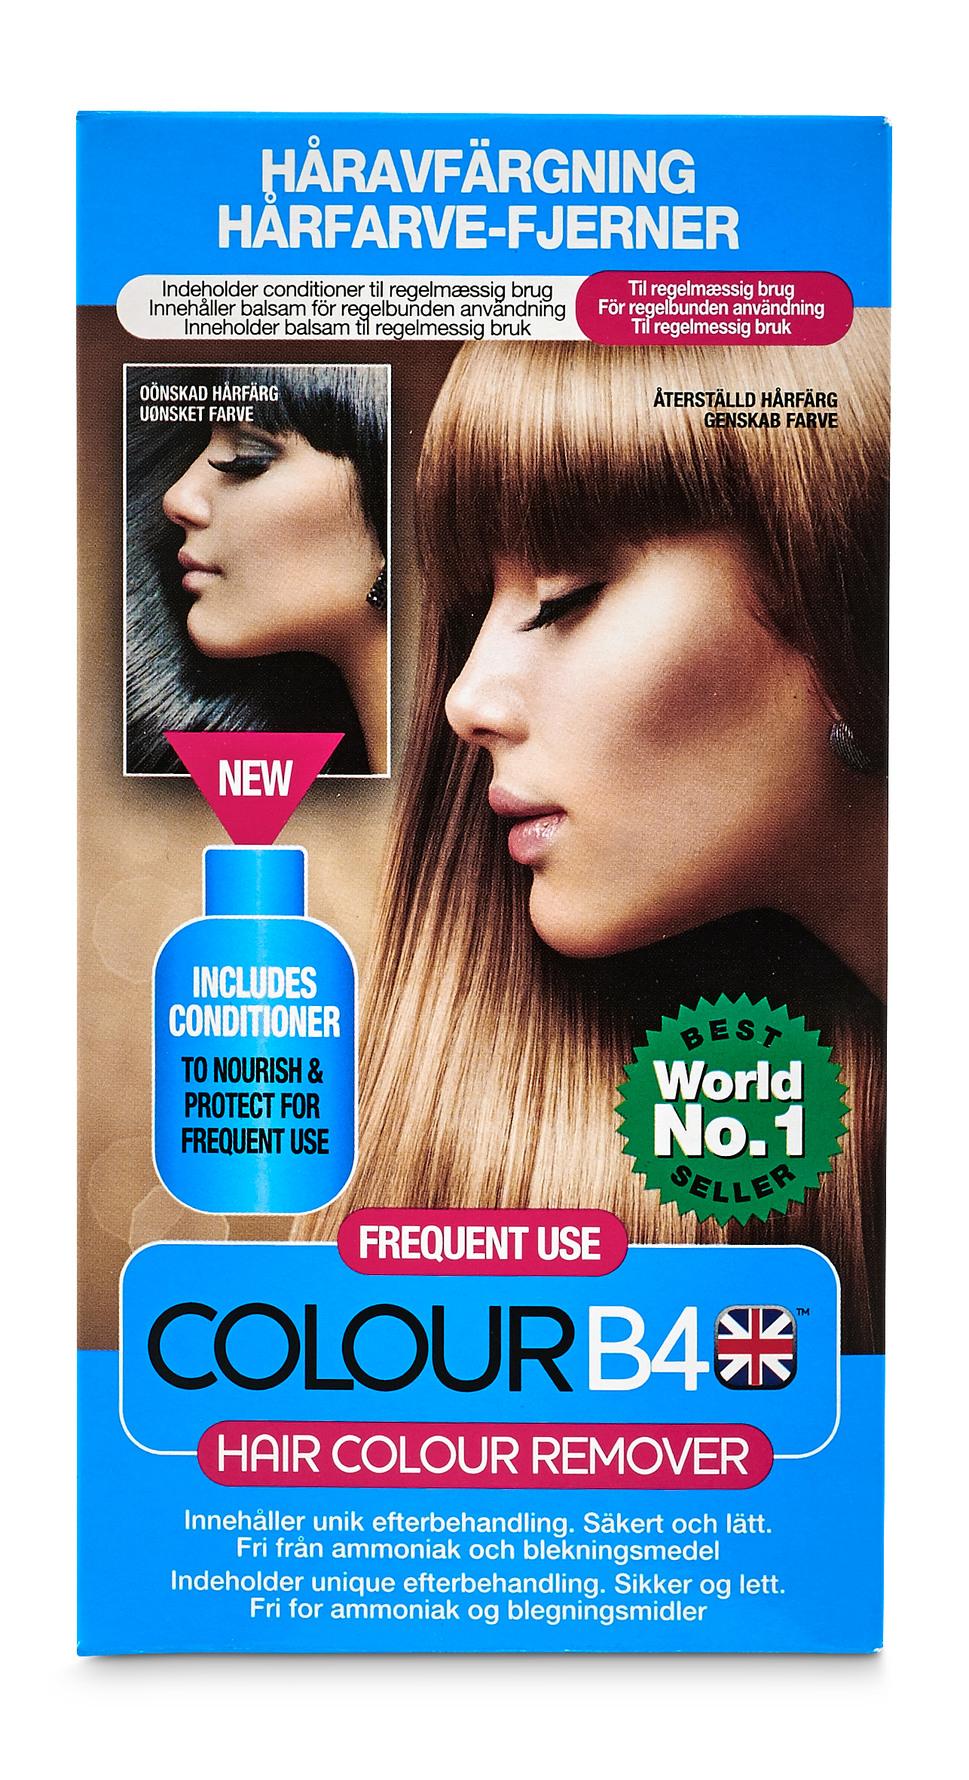 afrensning af hårfarve